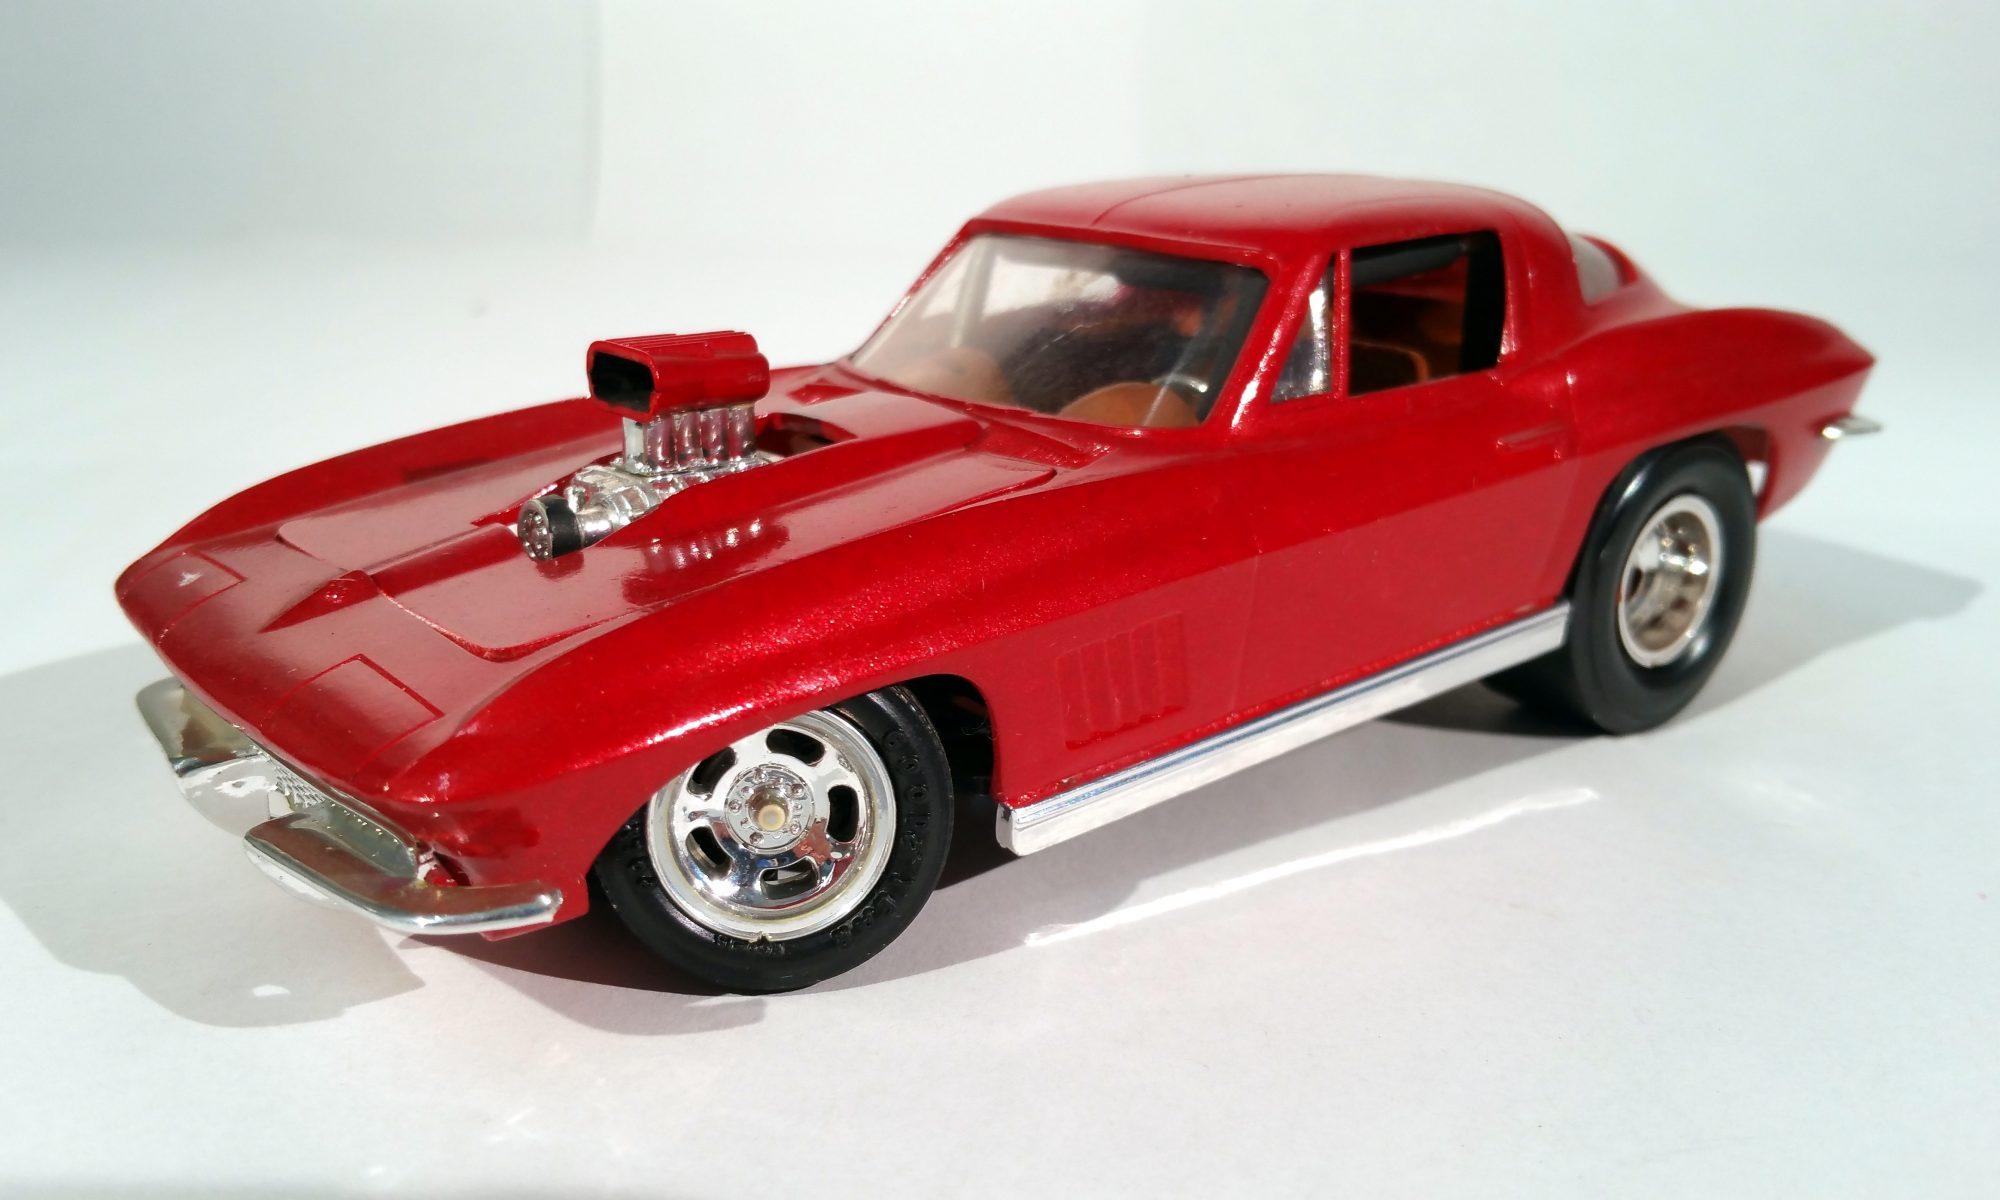 Corvettes For Sale Carmax >> Pro Street Corvettes For Sale.html | Autos Post